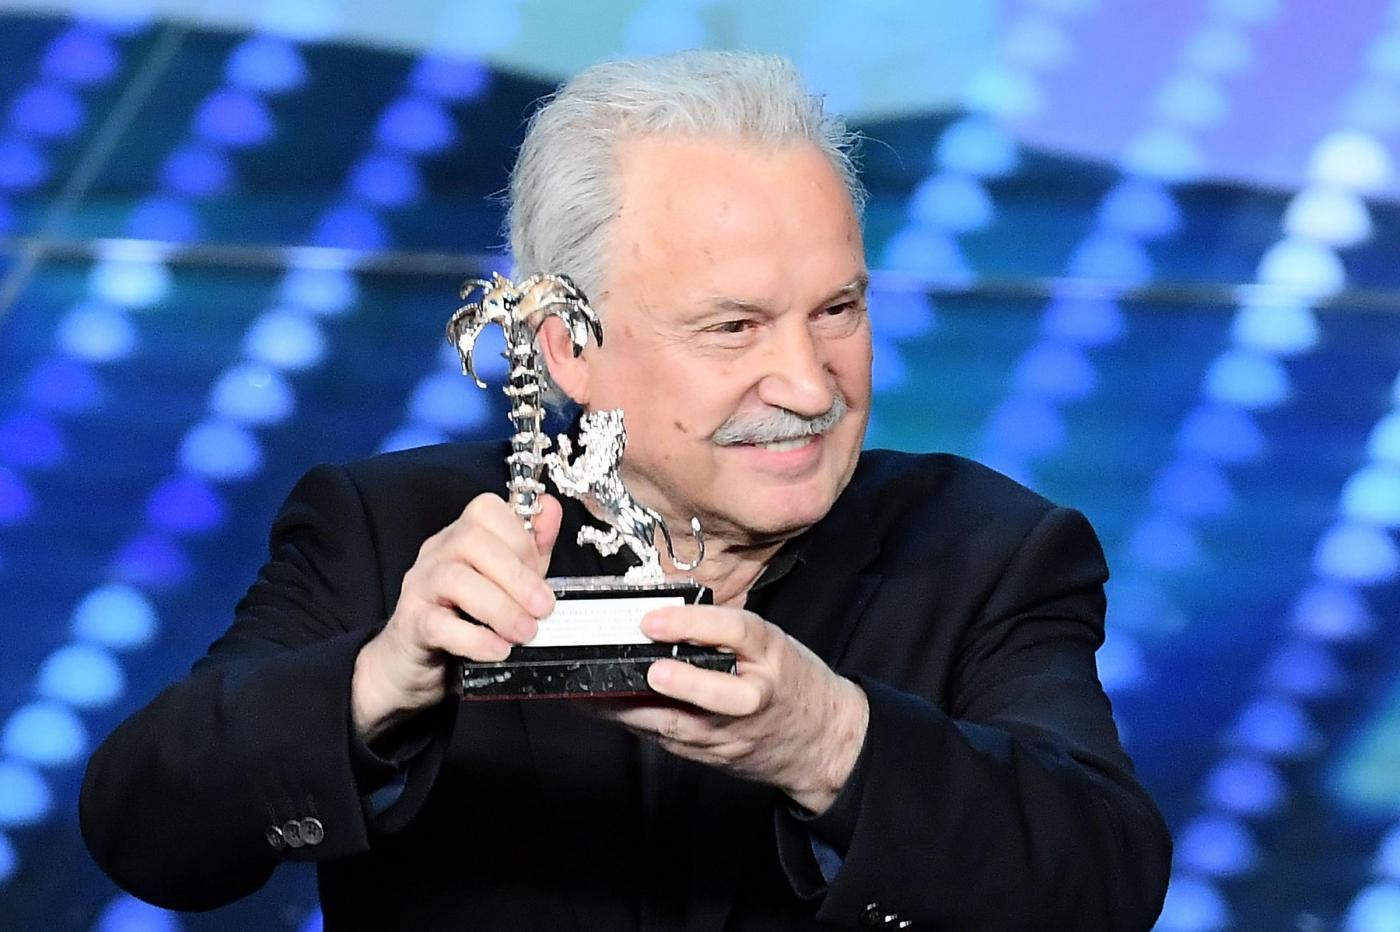 Sanremo 2017, l'omaggio a Giorgio Moroder con un medley